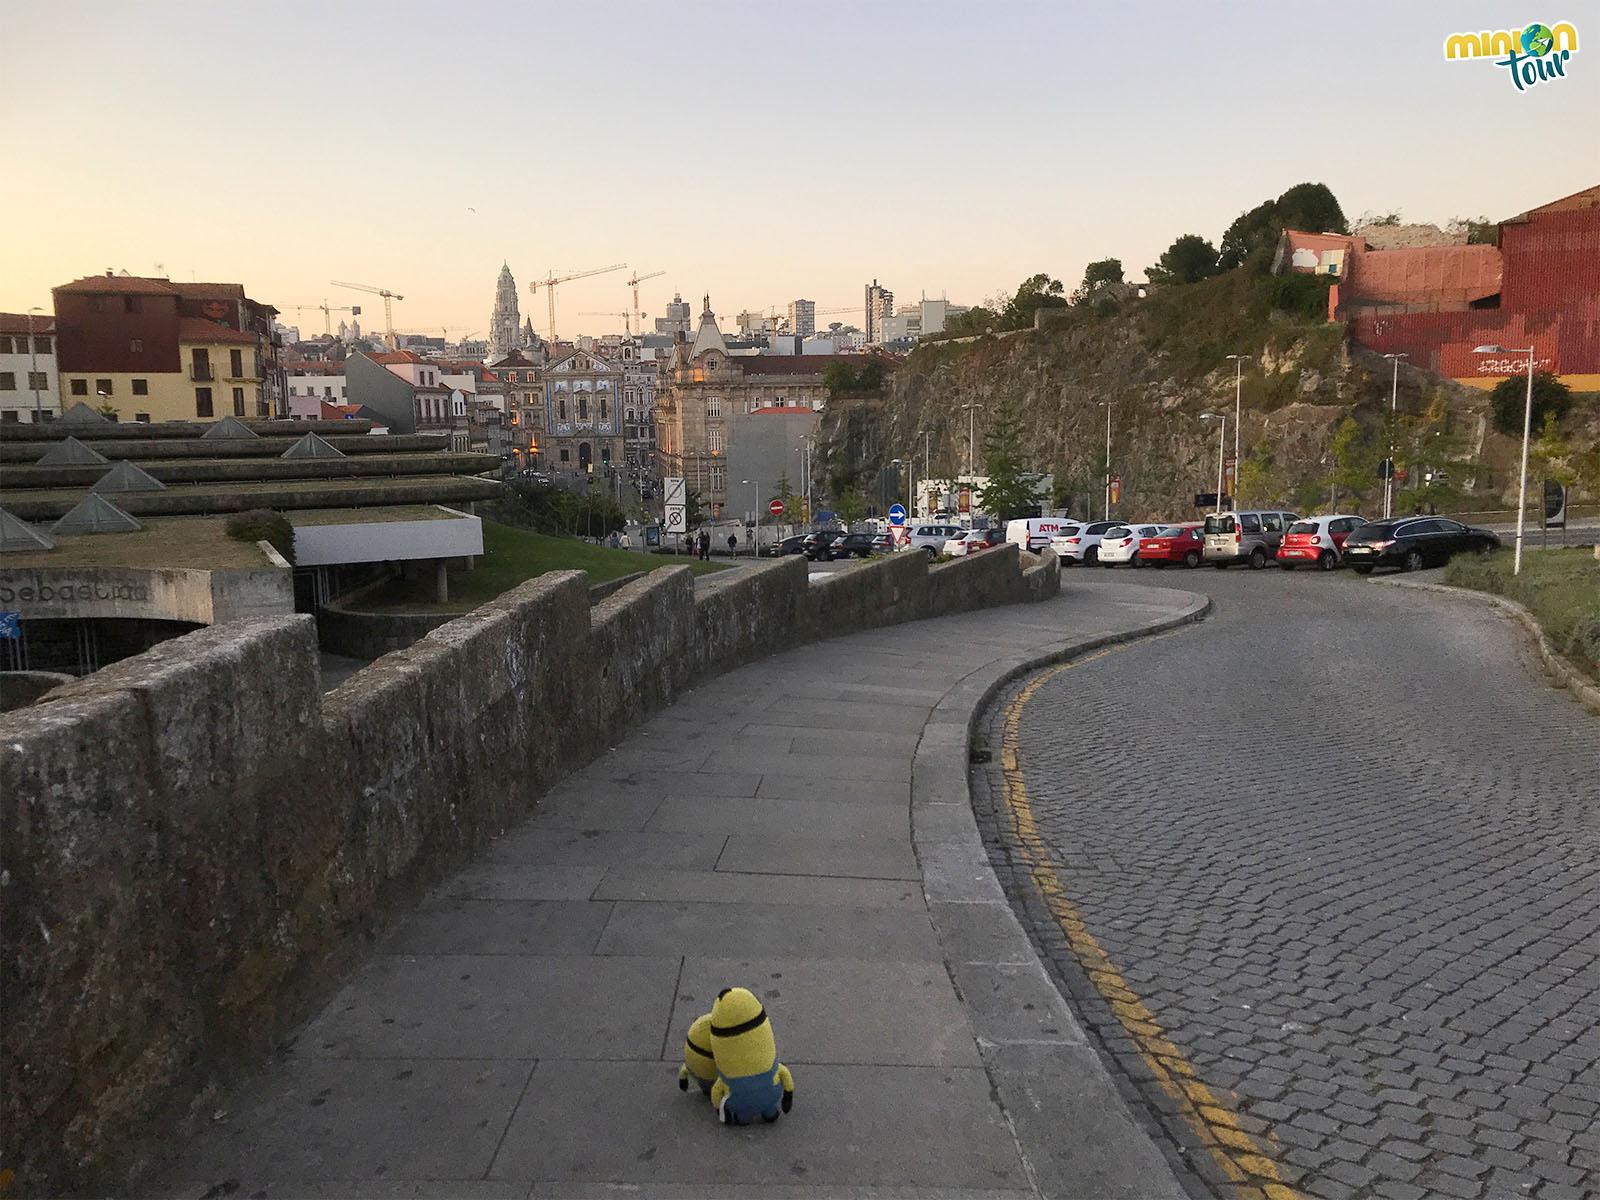 Vista de Oporto desde cerca de la catedral